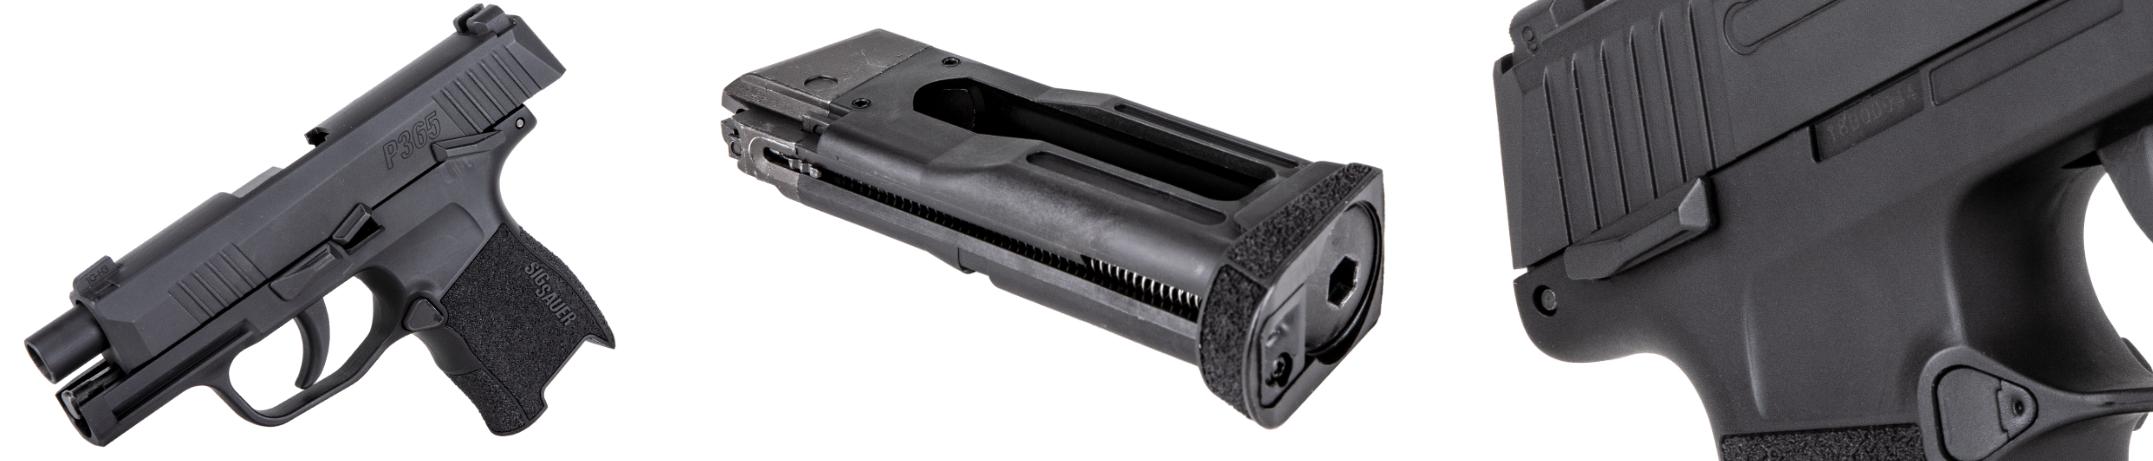 sig air p365 co2 bb gun